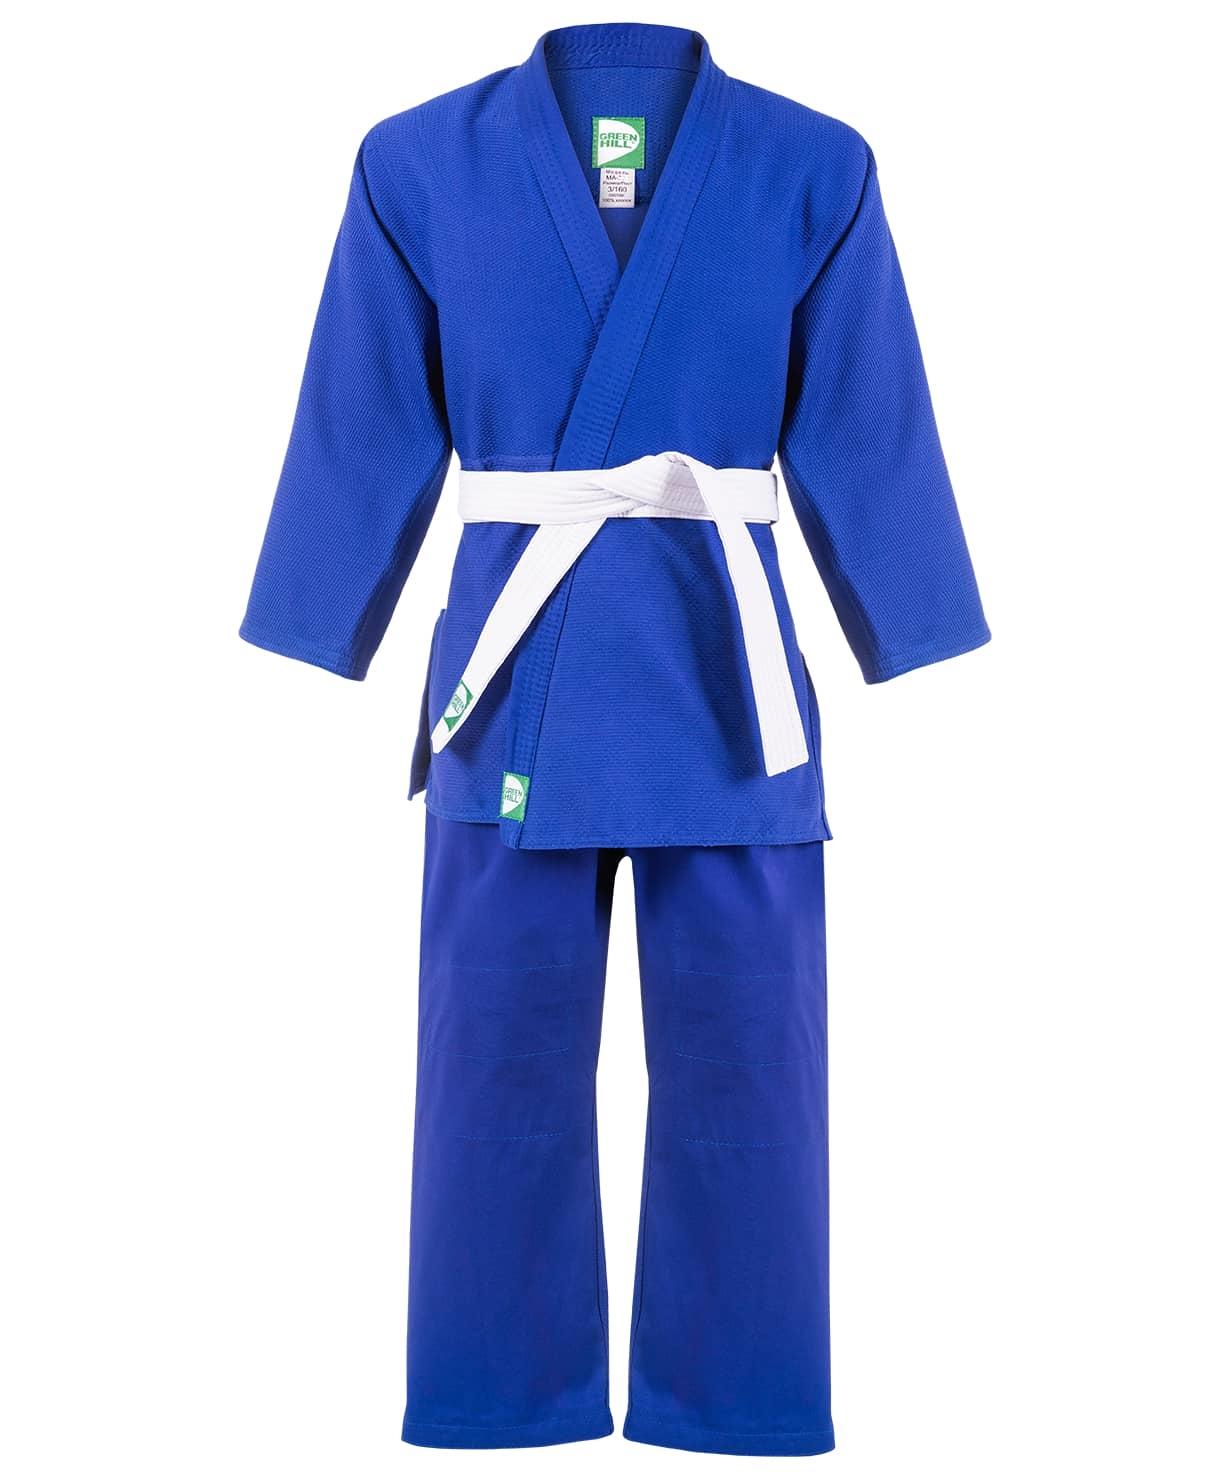 Кимоно для дзюдо MA-301,синий, р.000/110